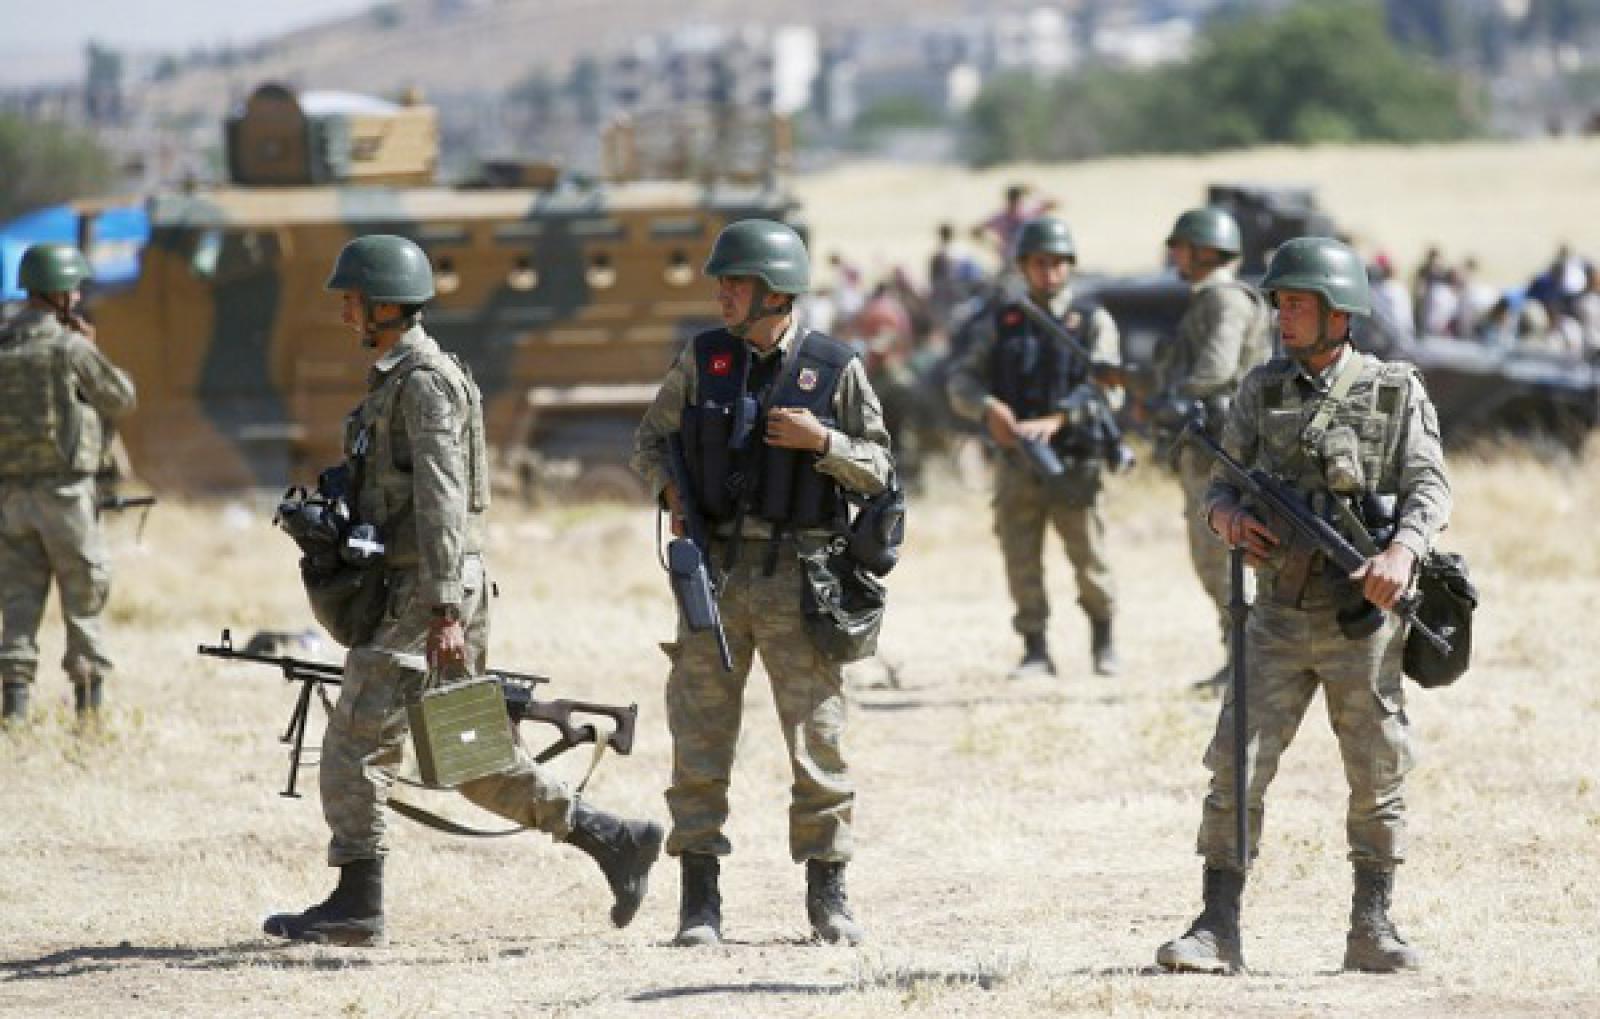 ВТурции боевики взорвали автомобиль с военнослужащими